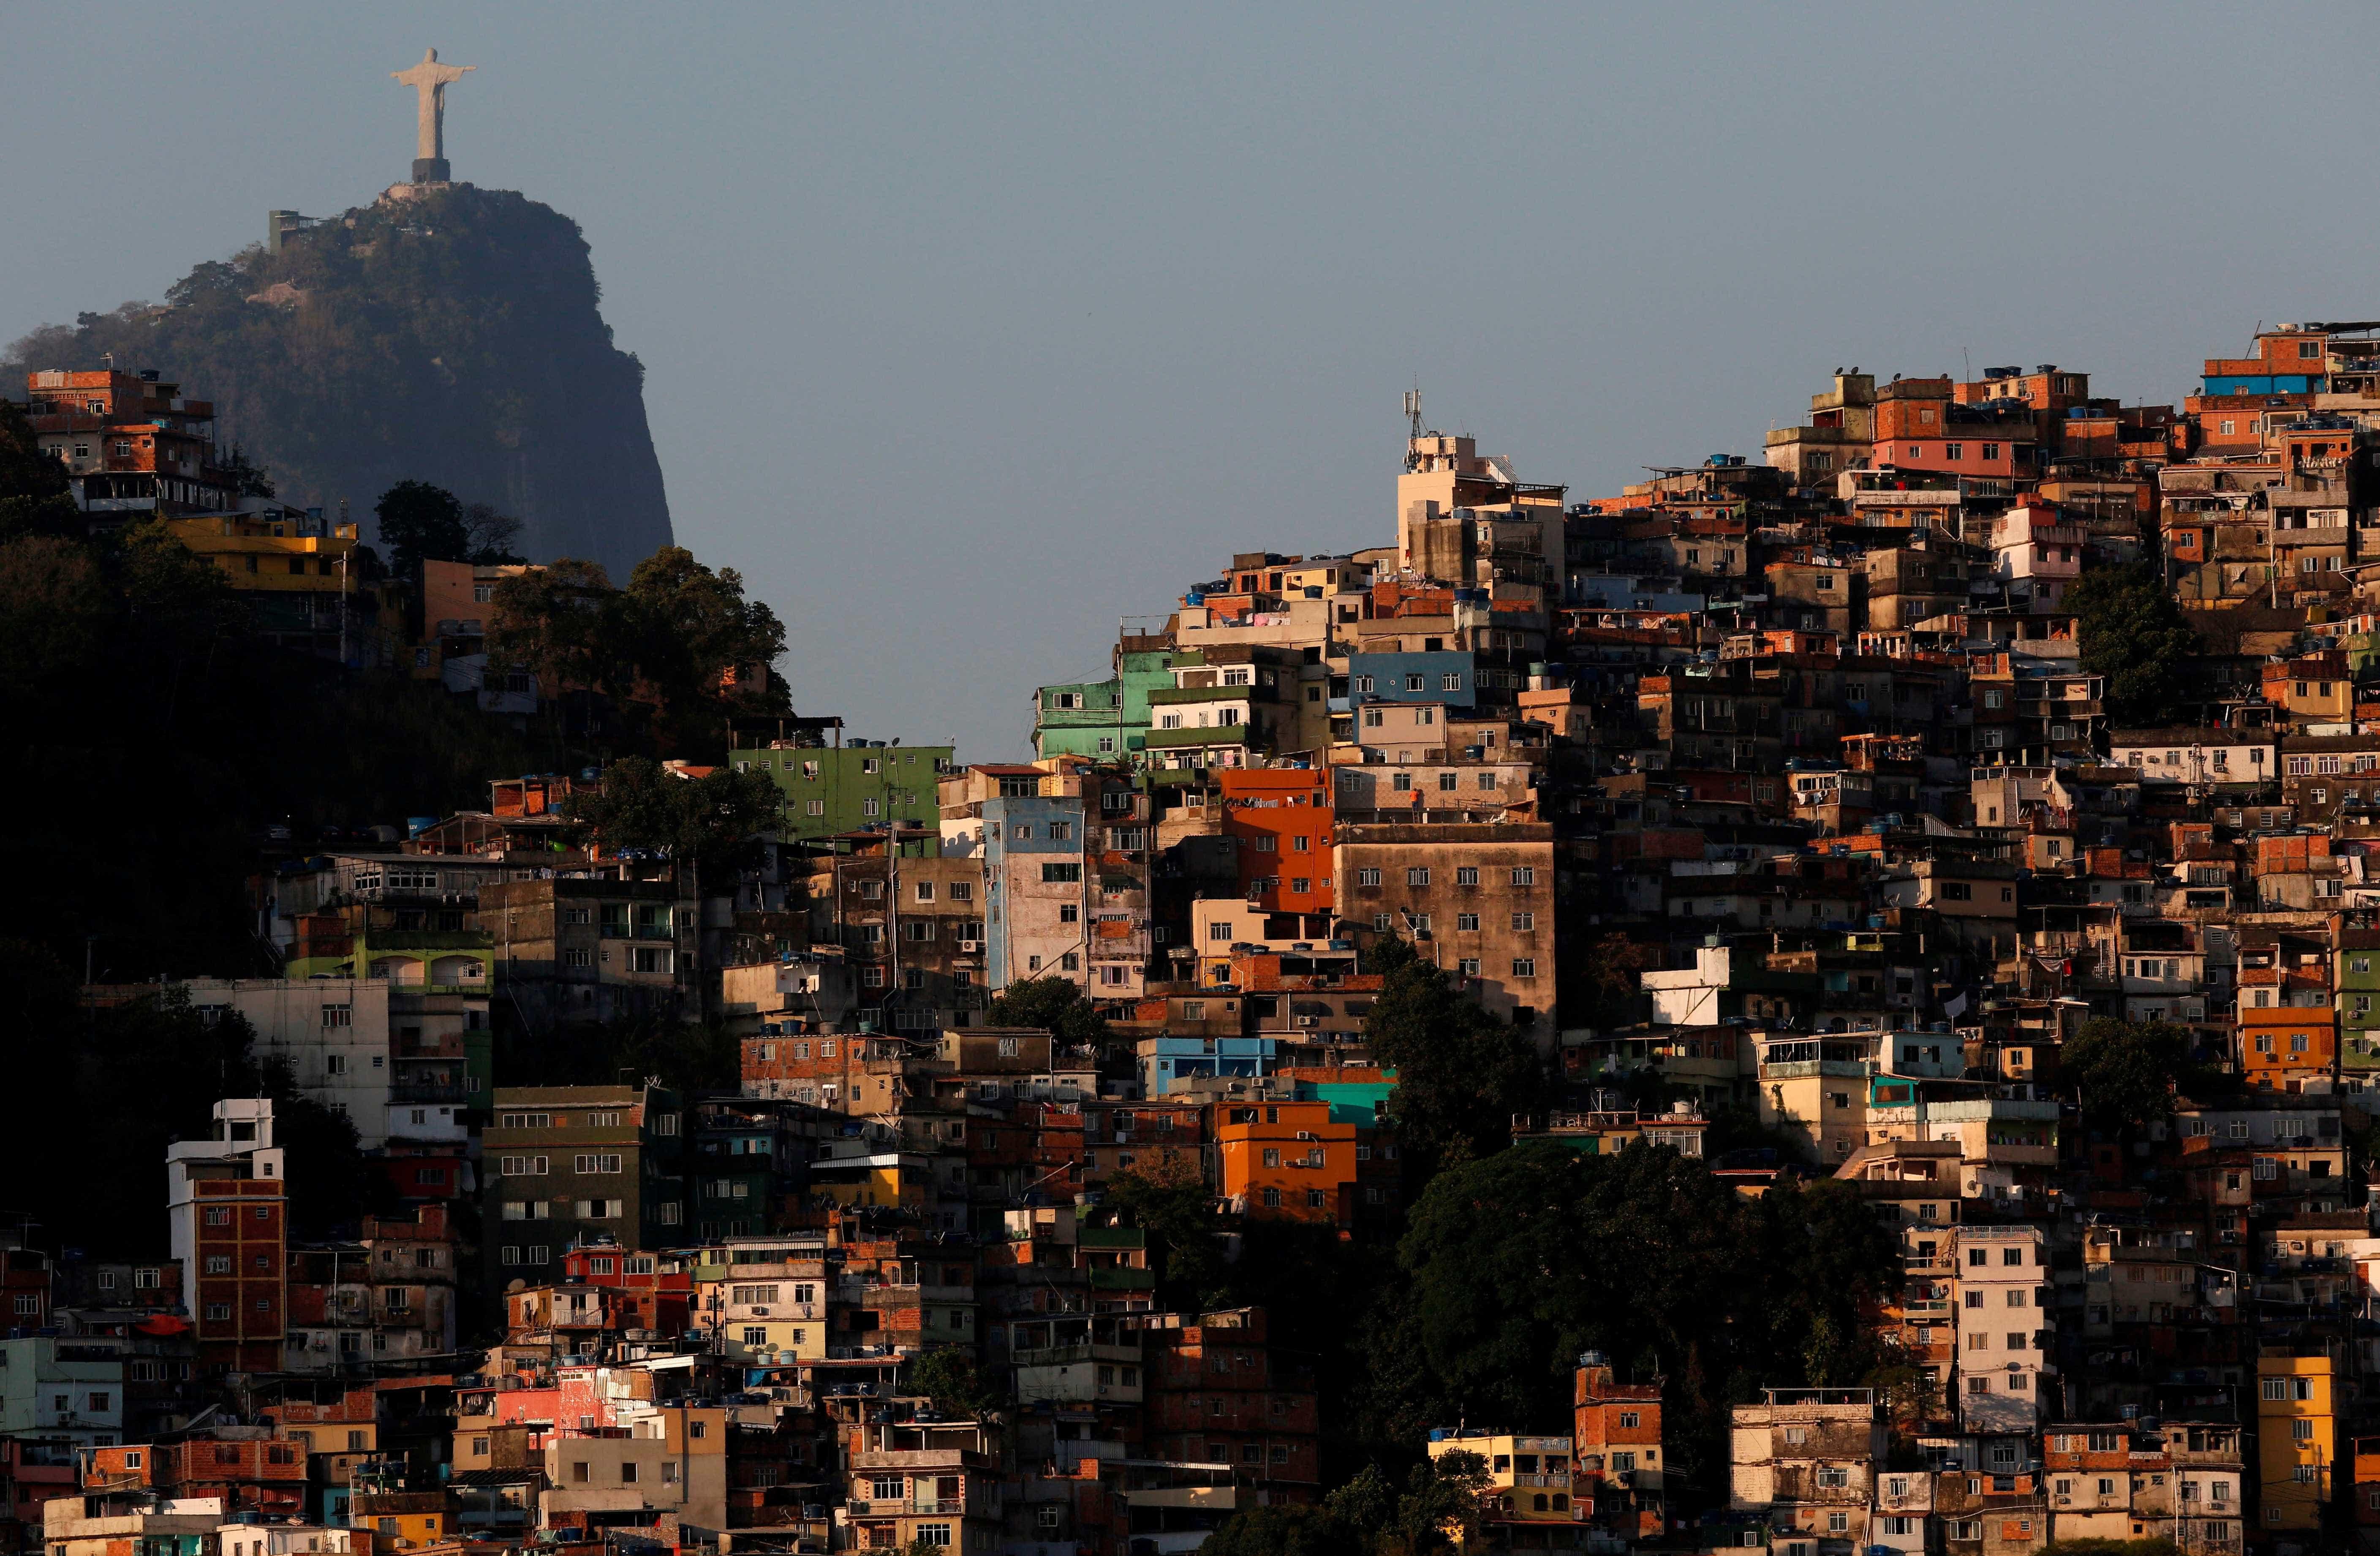 Polícia vai investigar oito mortes em operação na Rocinha